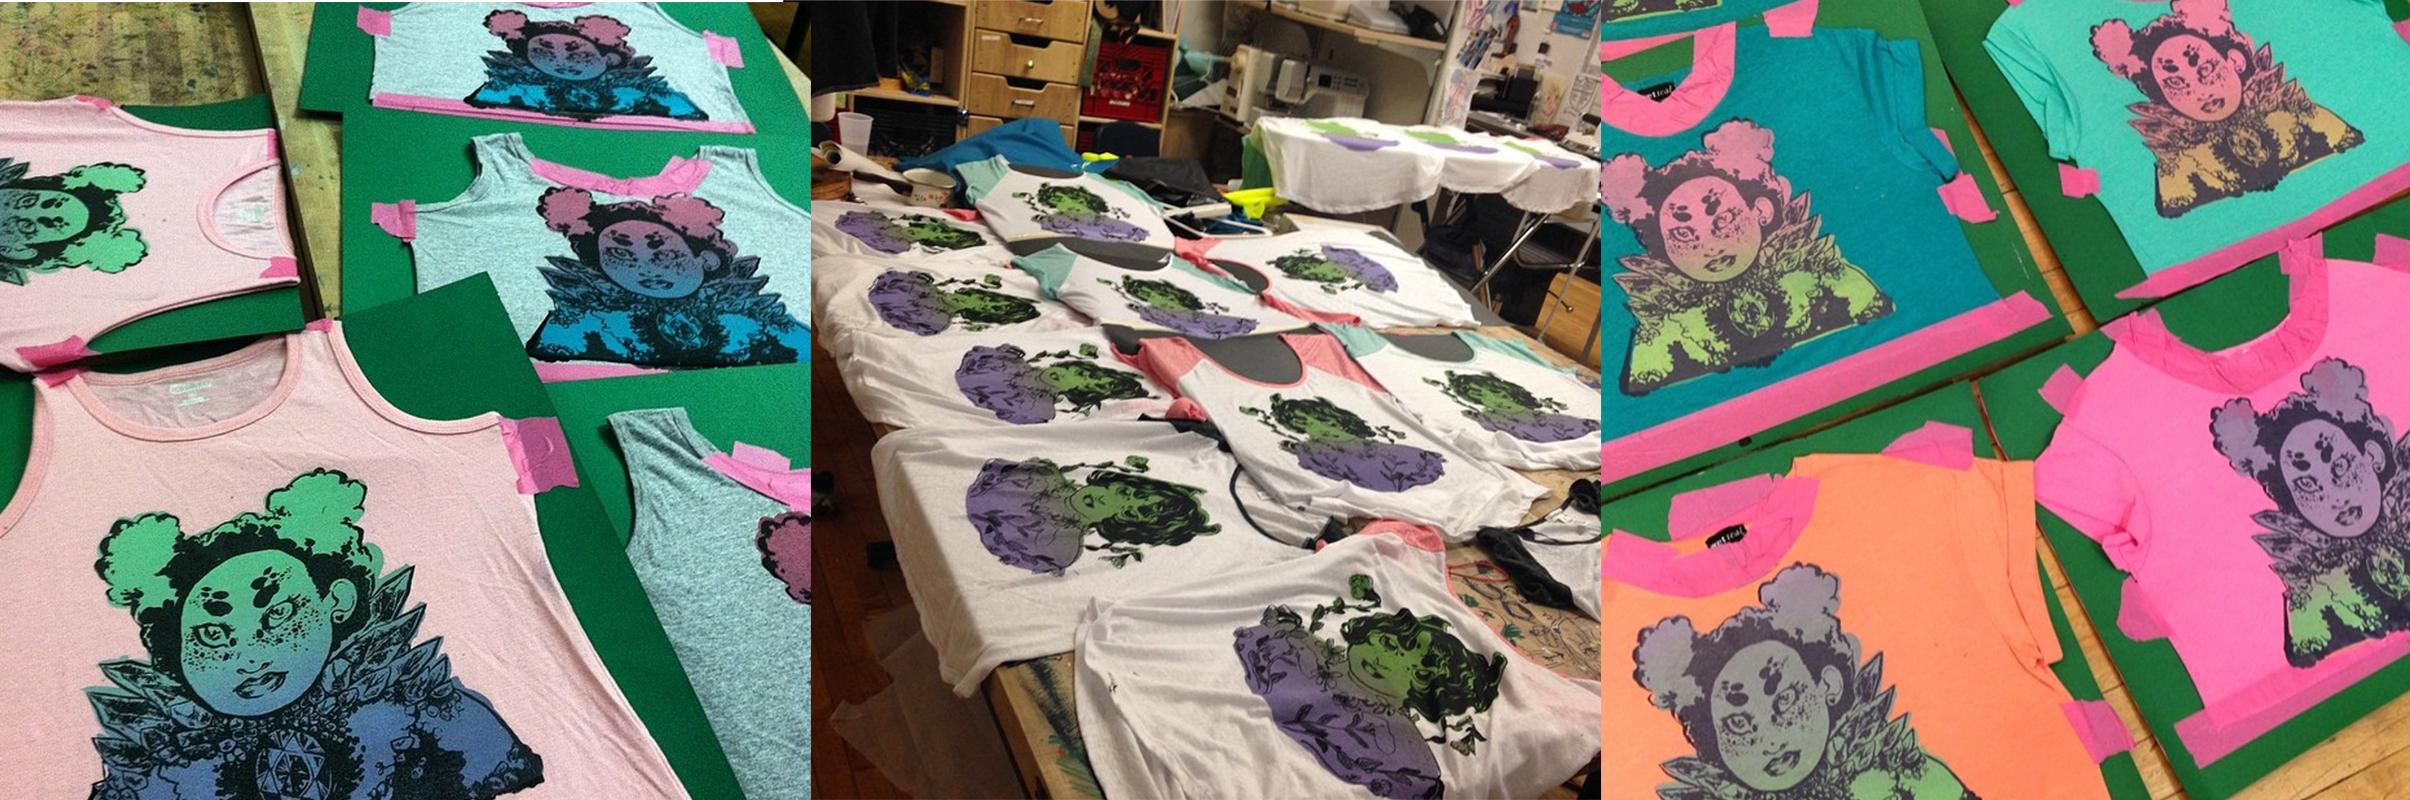 (2014-2015)   screenprinted shirts, various designs